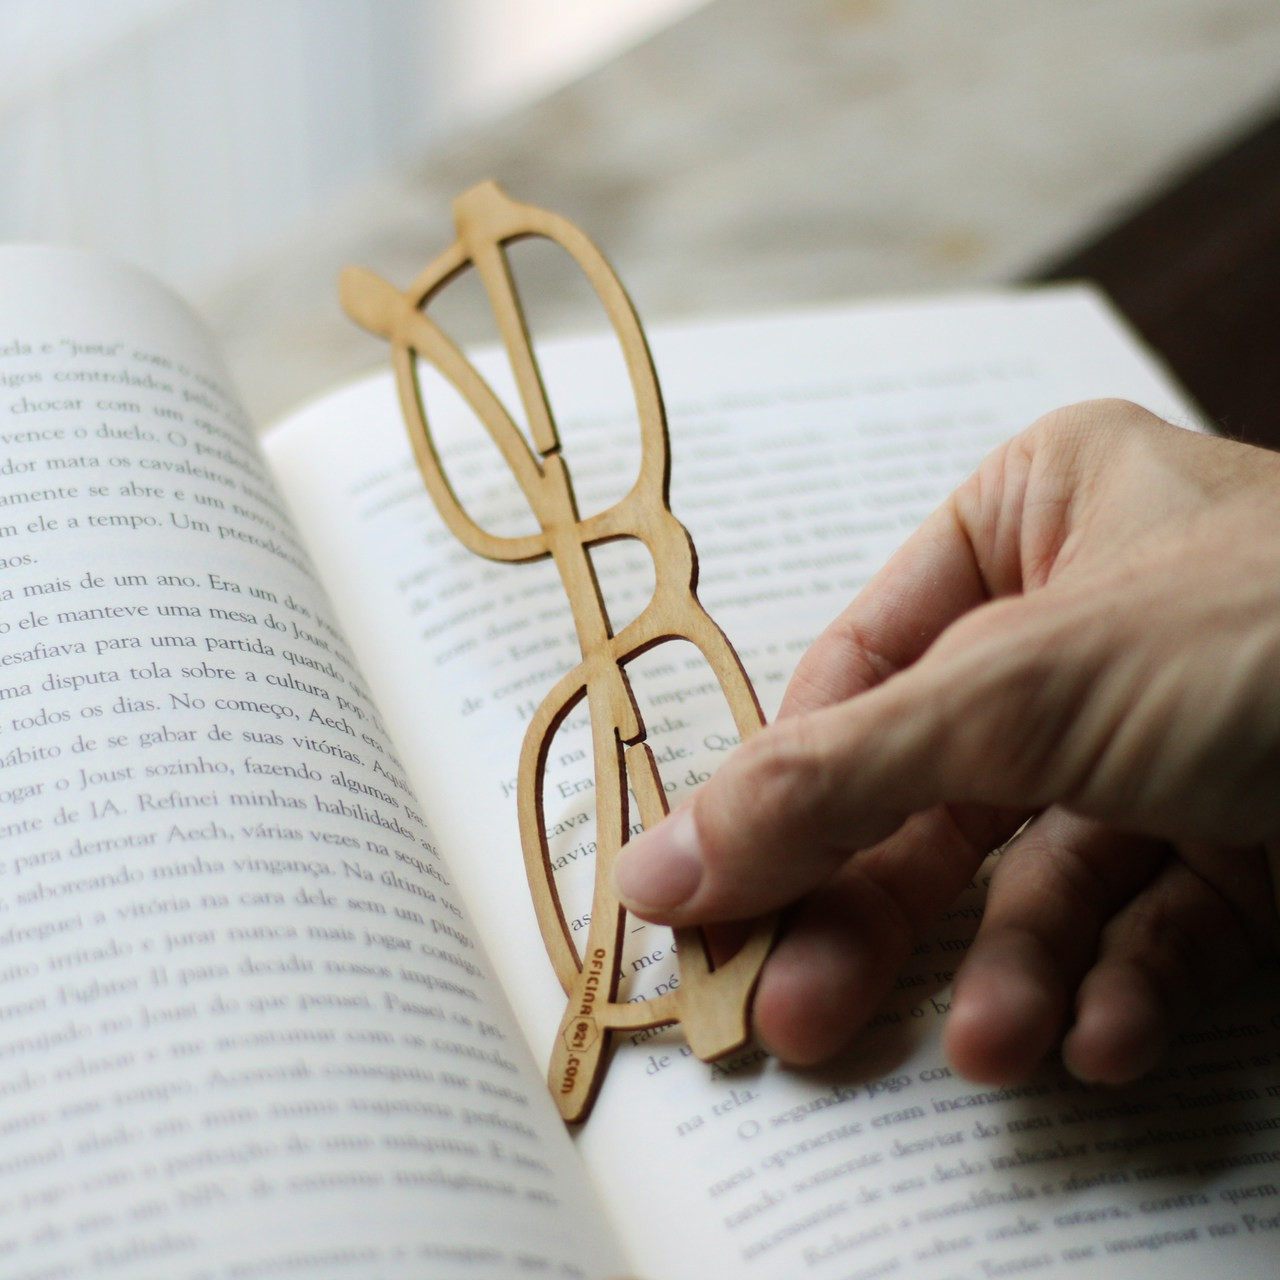 Marcador de livro em Madeira - Óculos